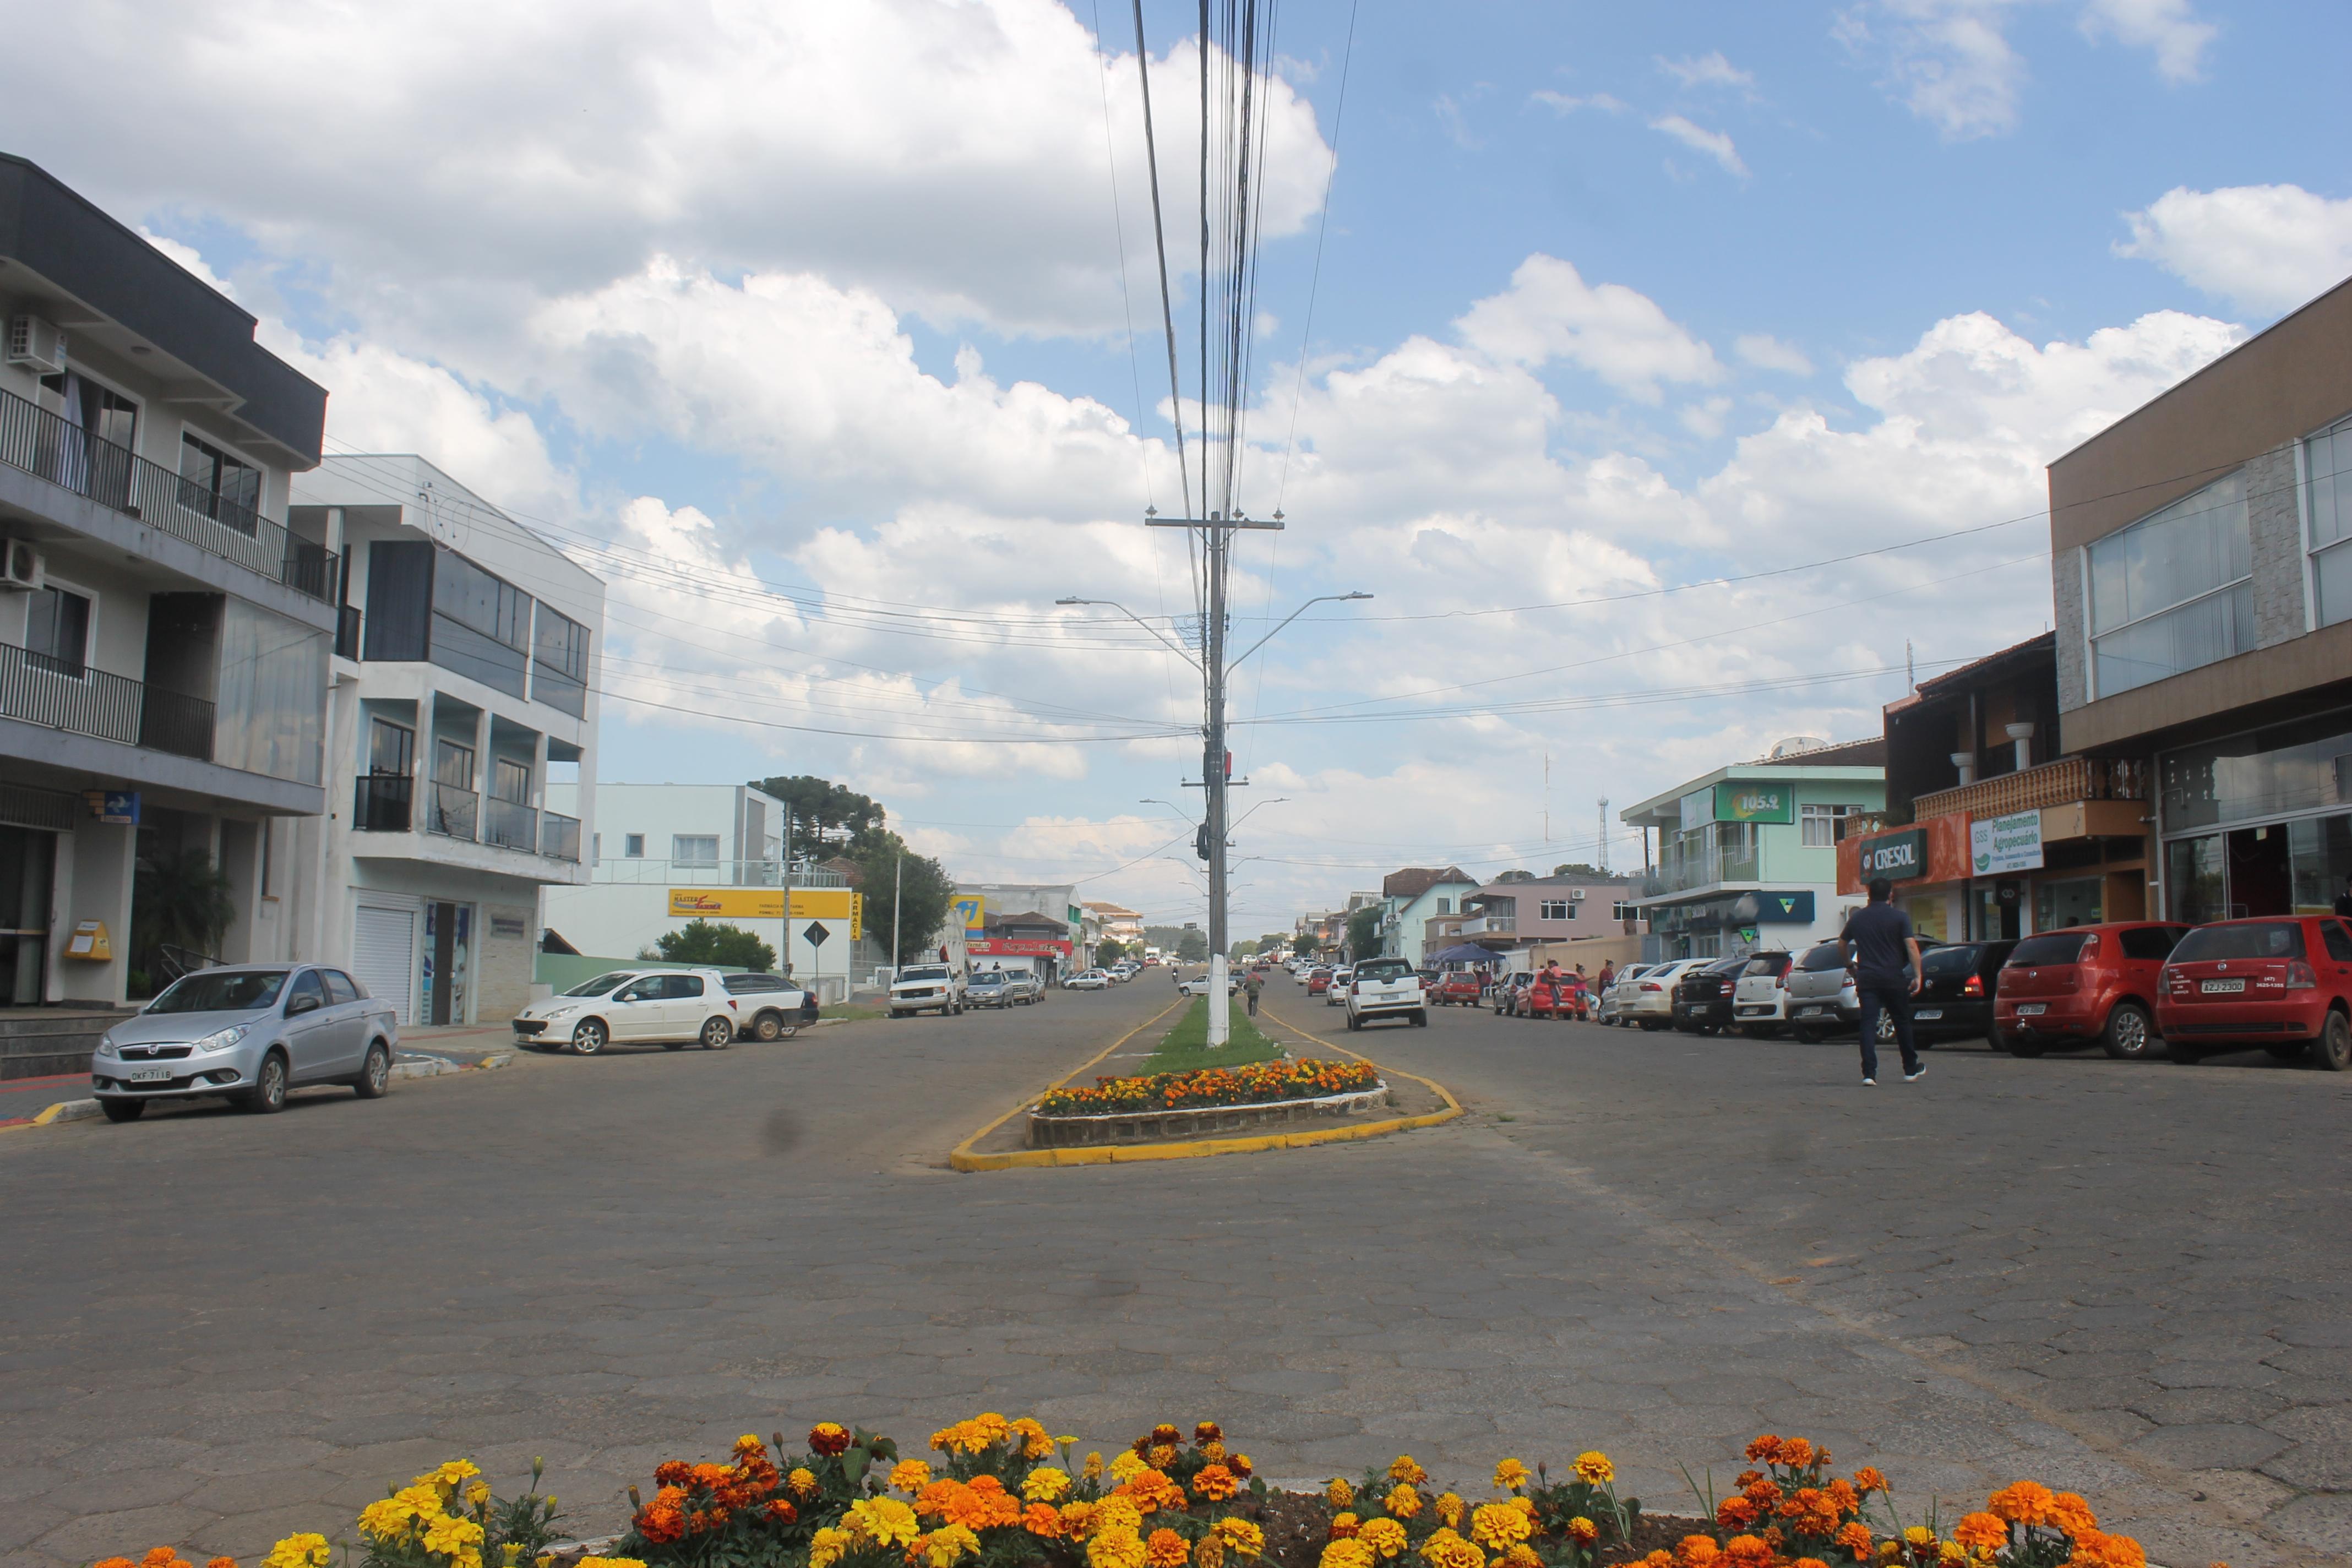 Cidade é interiorana: população é de 11 mil habitantes